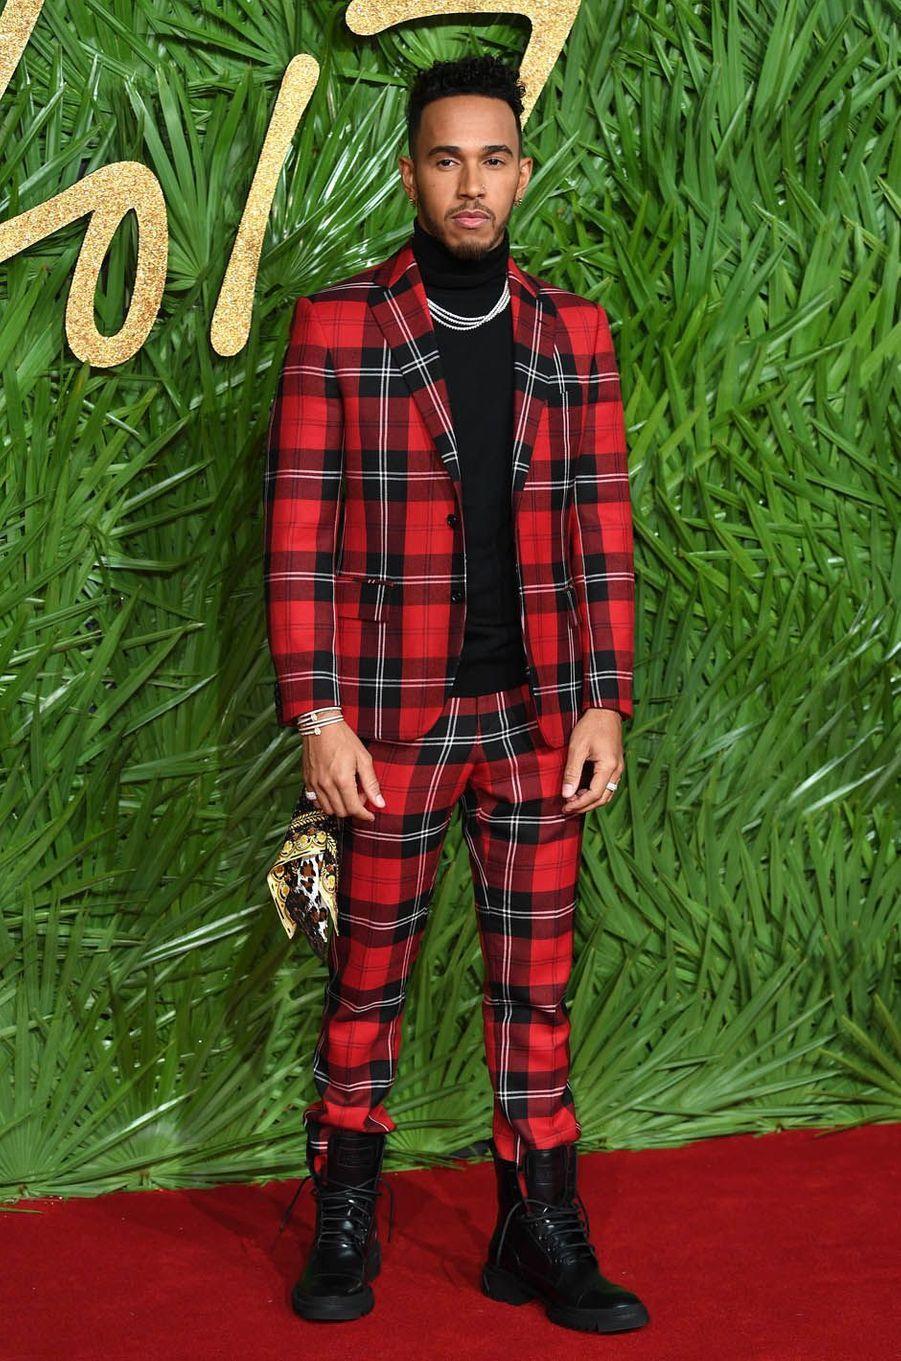 Lewis Hamilton aux Fashion Awards, le 4 décembre 2017 à Londres.